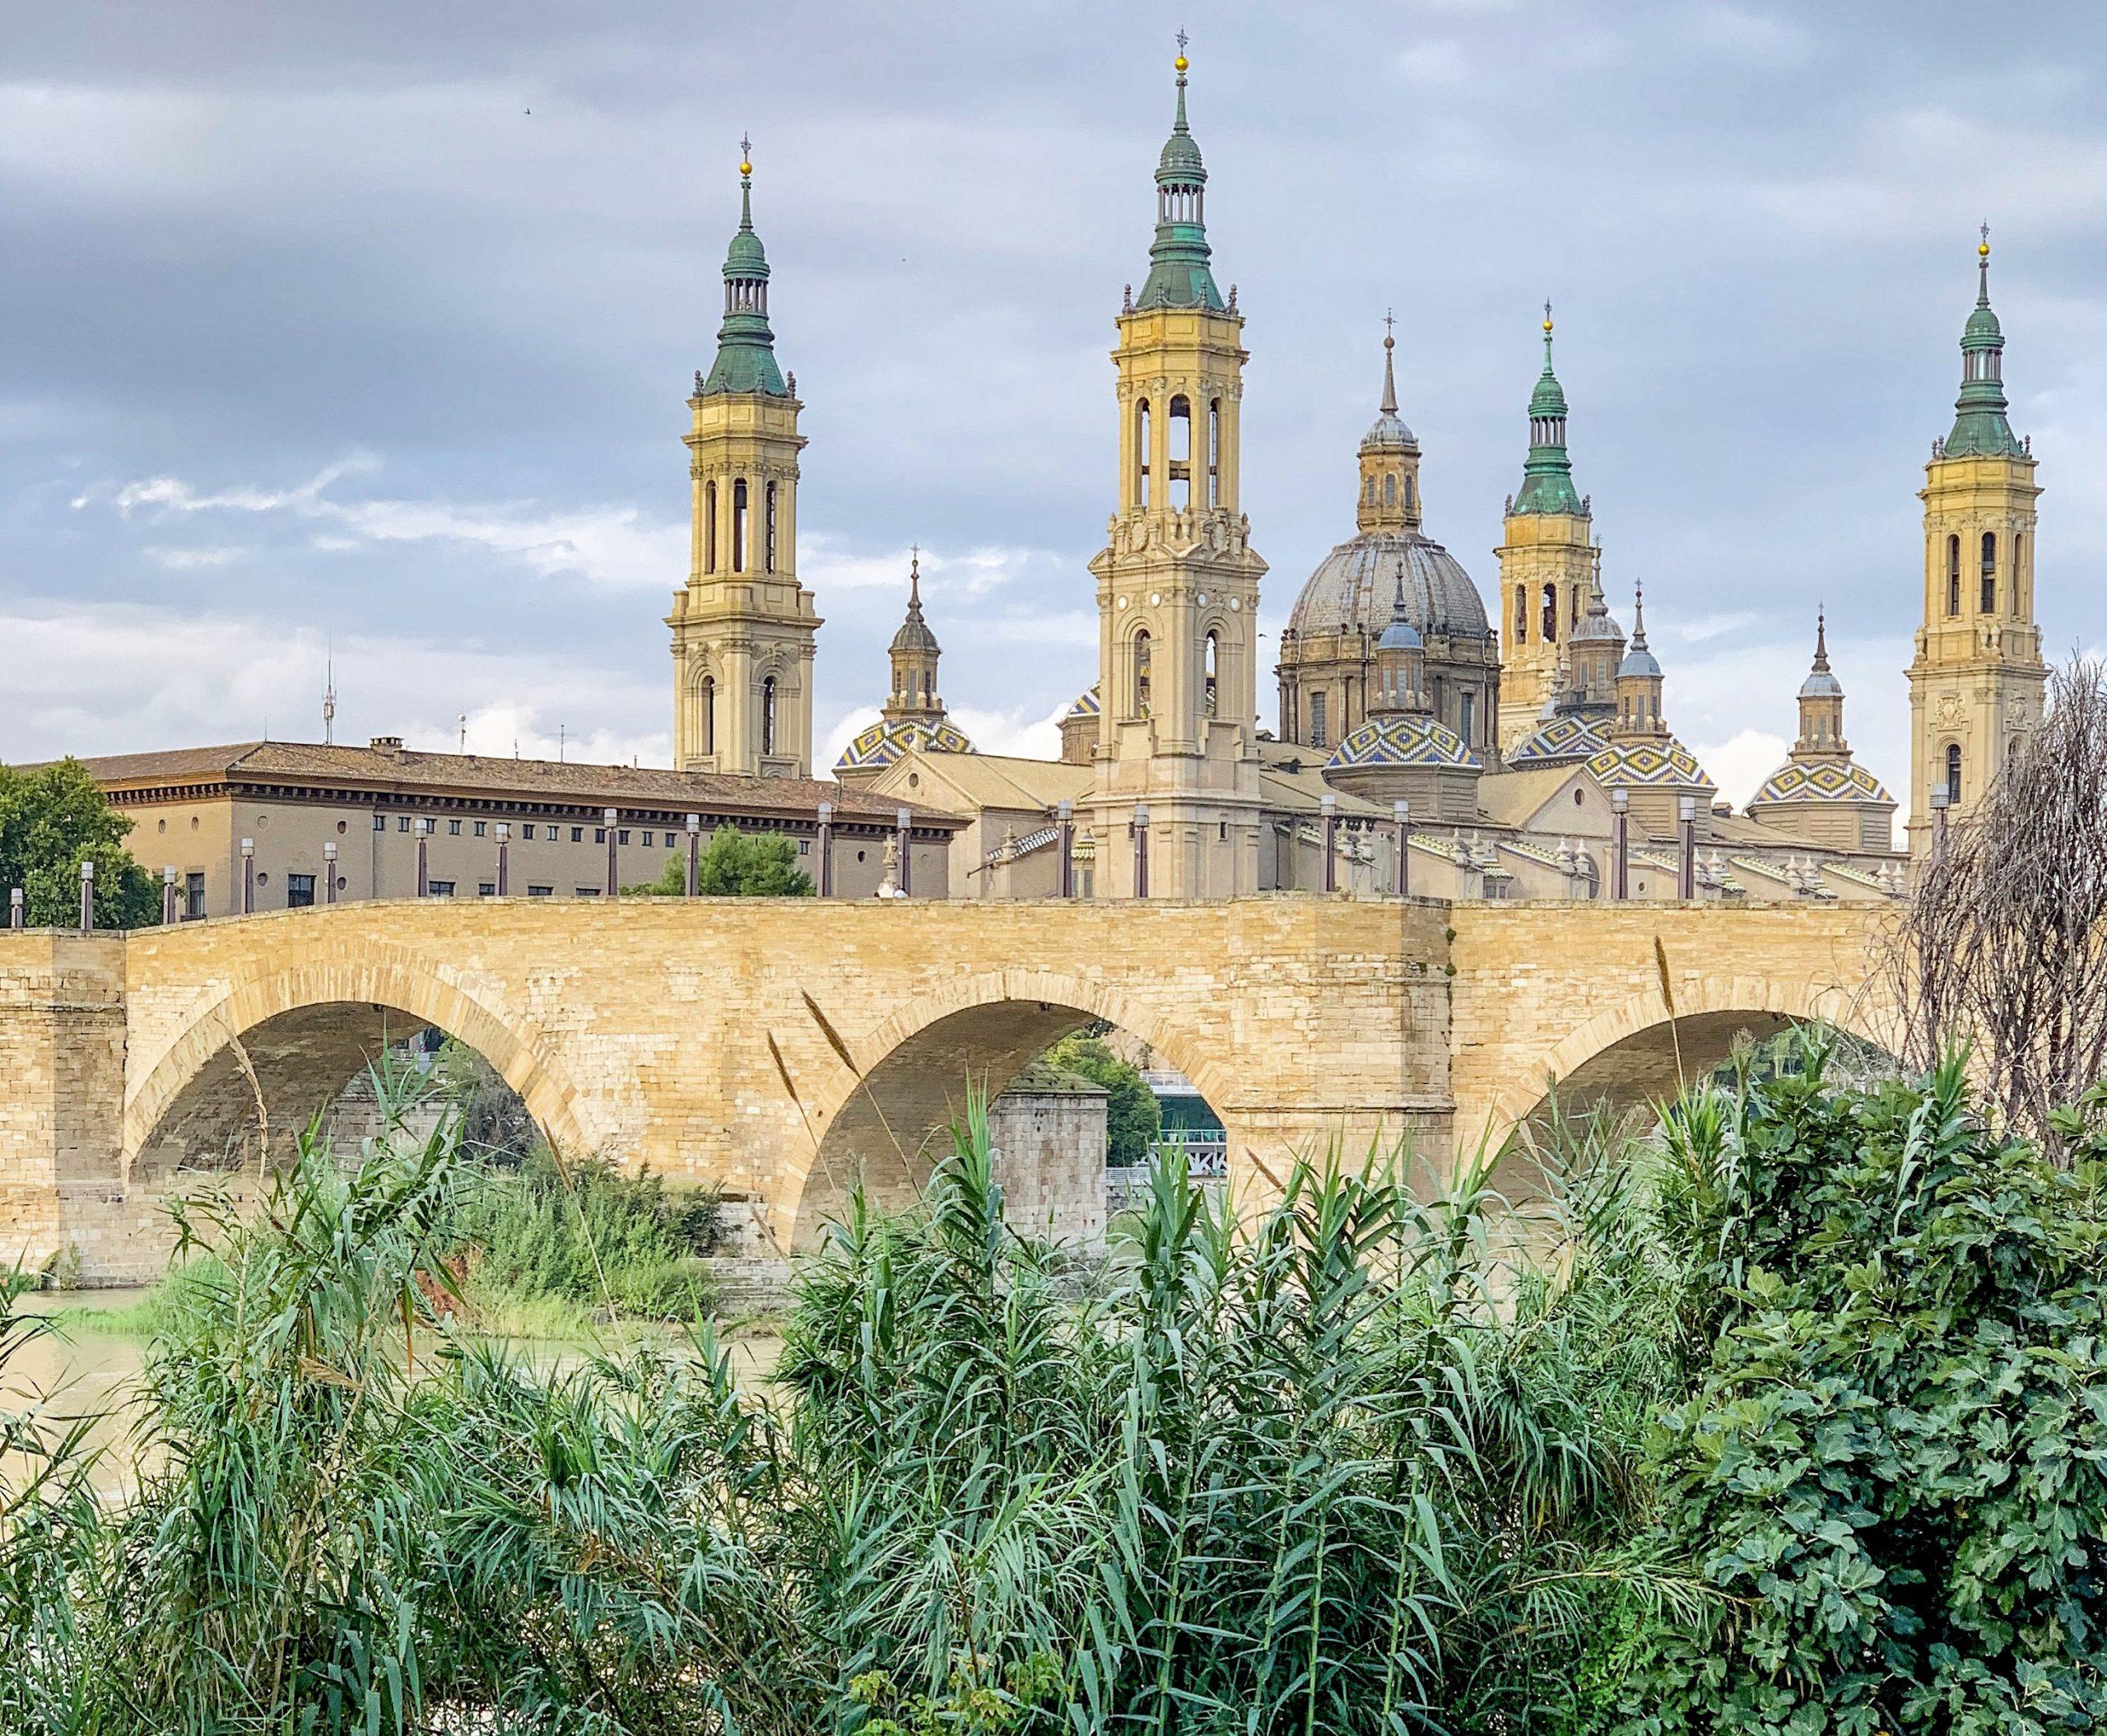 vue sur la Basilique de Nuestra Señora del Pilar depuis les bords de l'ebre